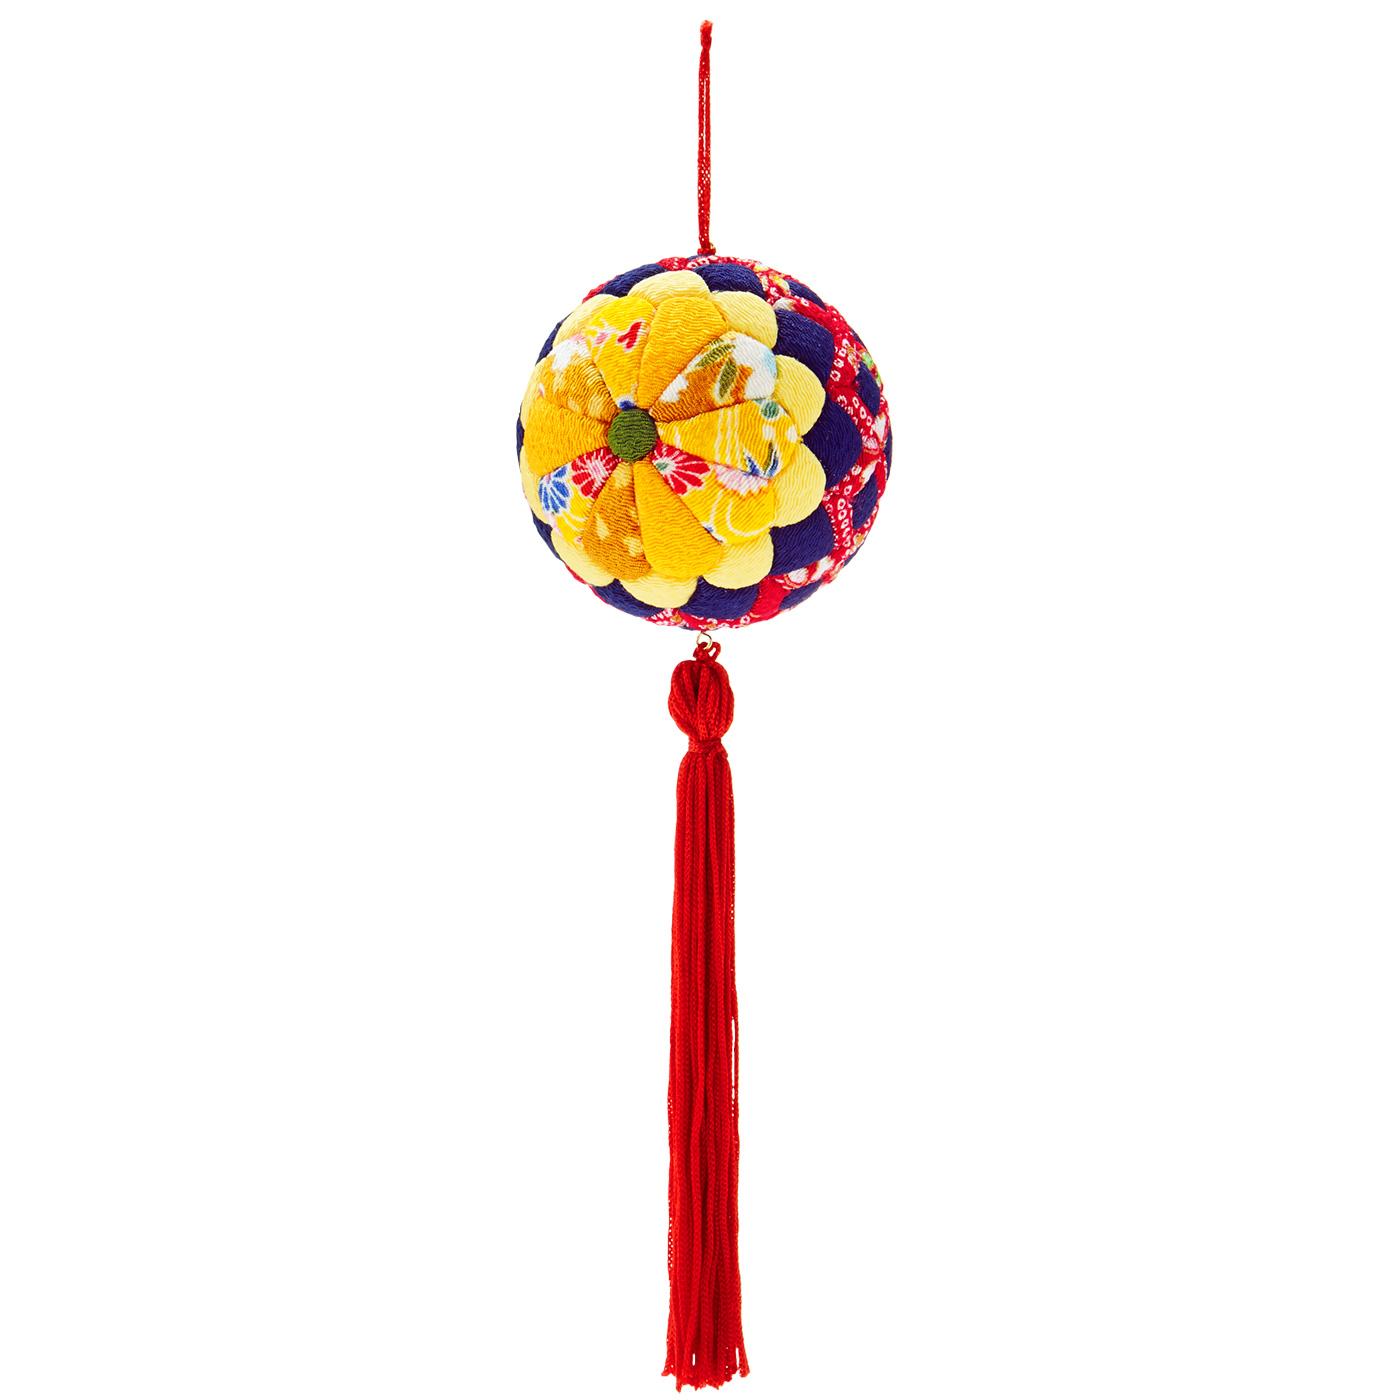 菊 花びらを二段重ねて図案化した「重ね菊」でインパクトのあるデザインに。